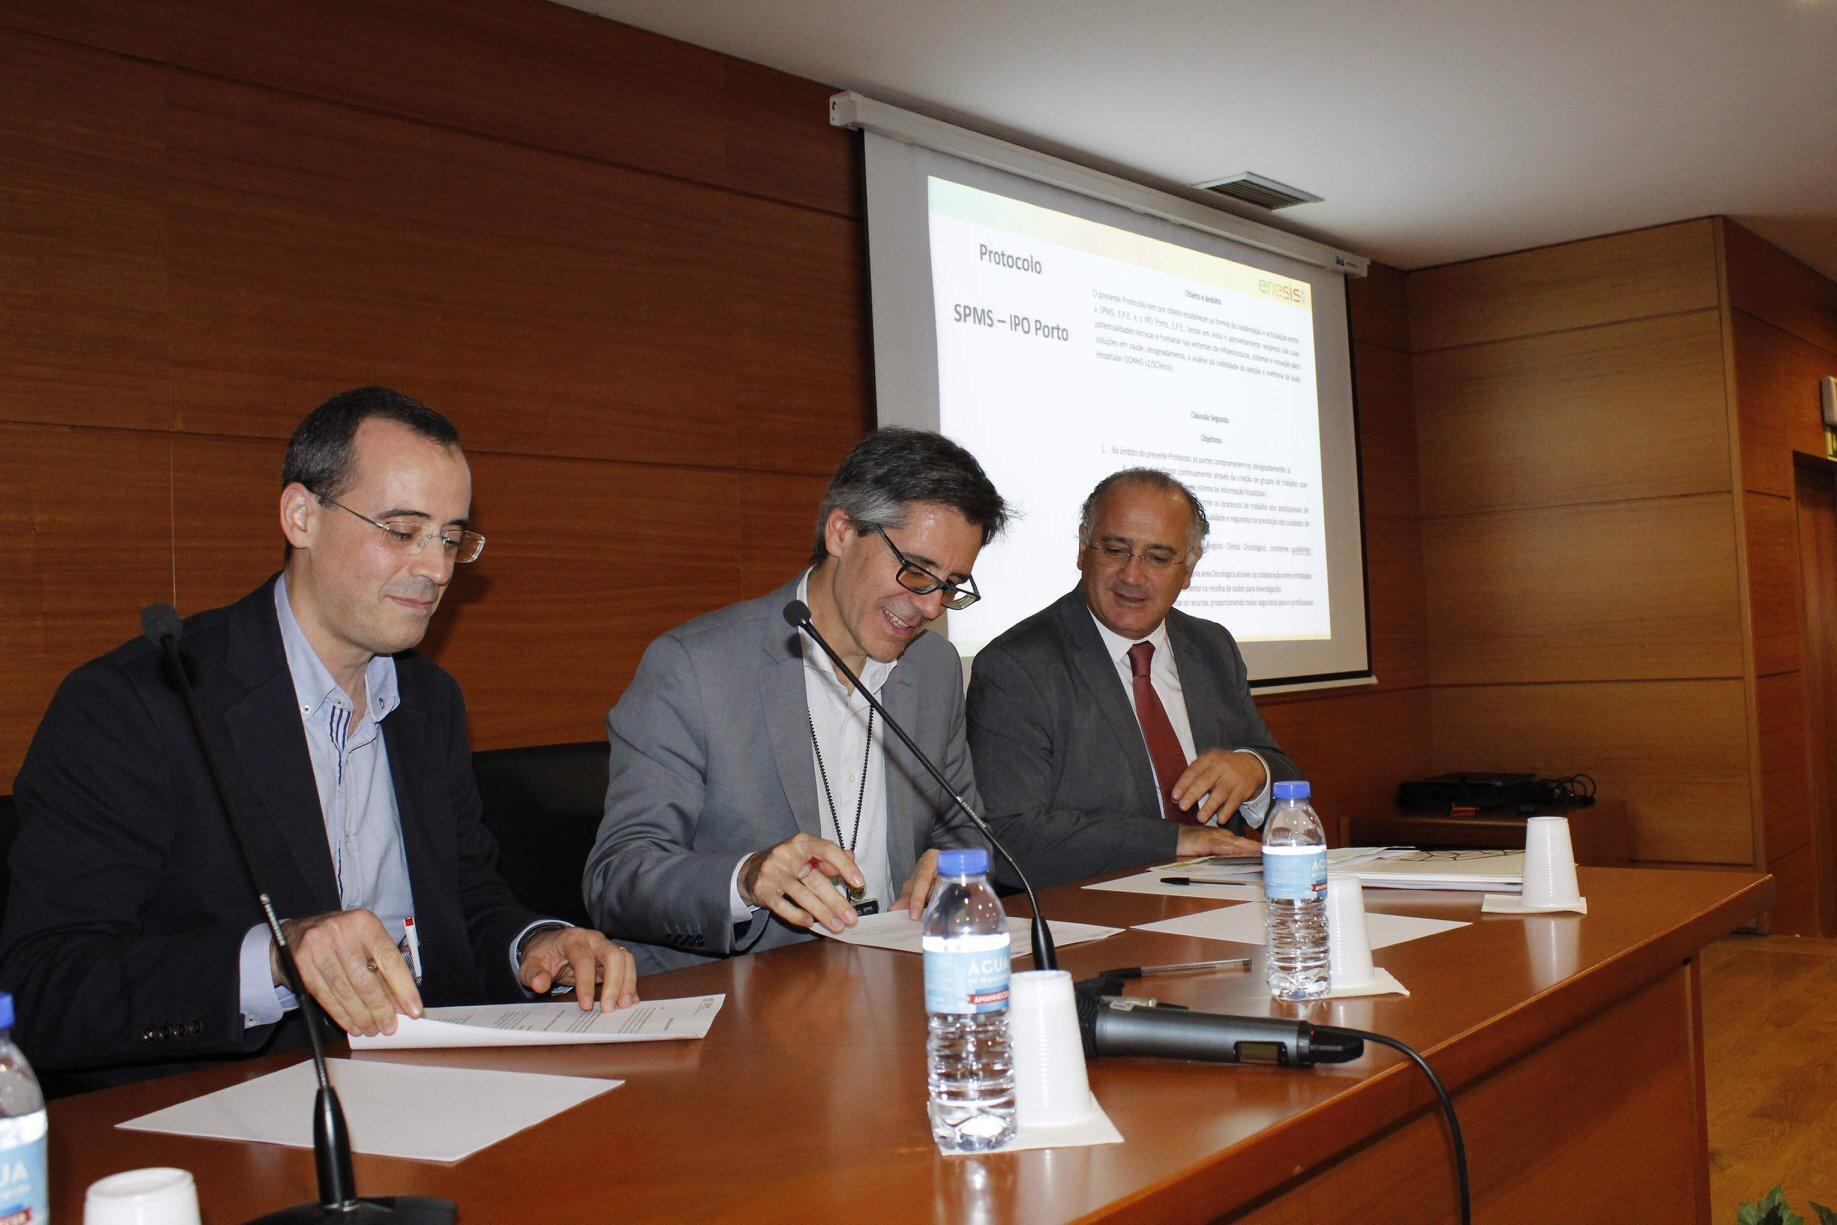 assinatura protocolo SPMS IPO Porto